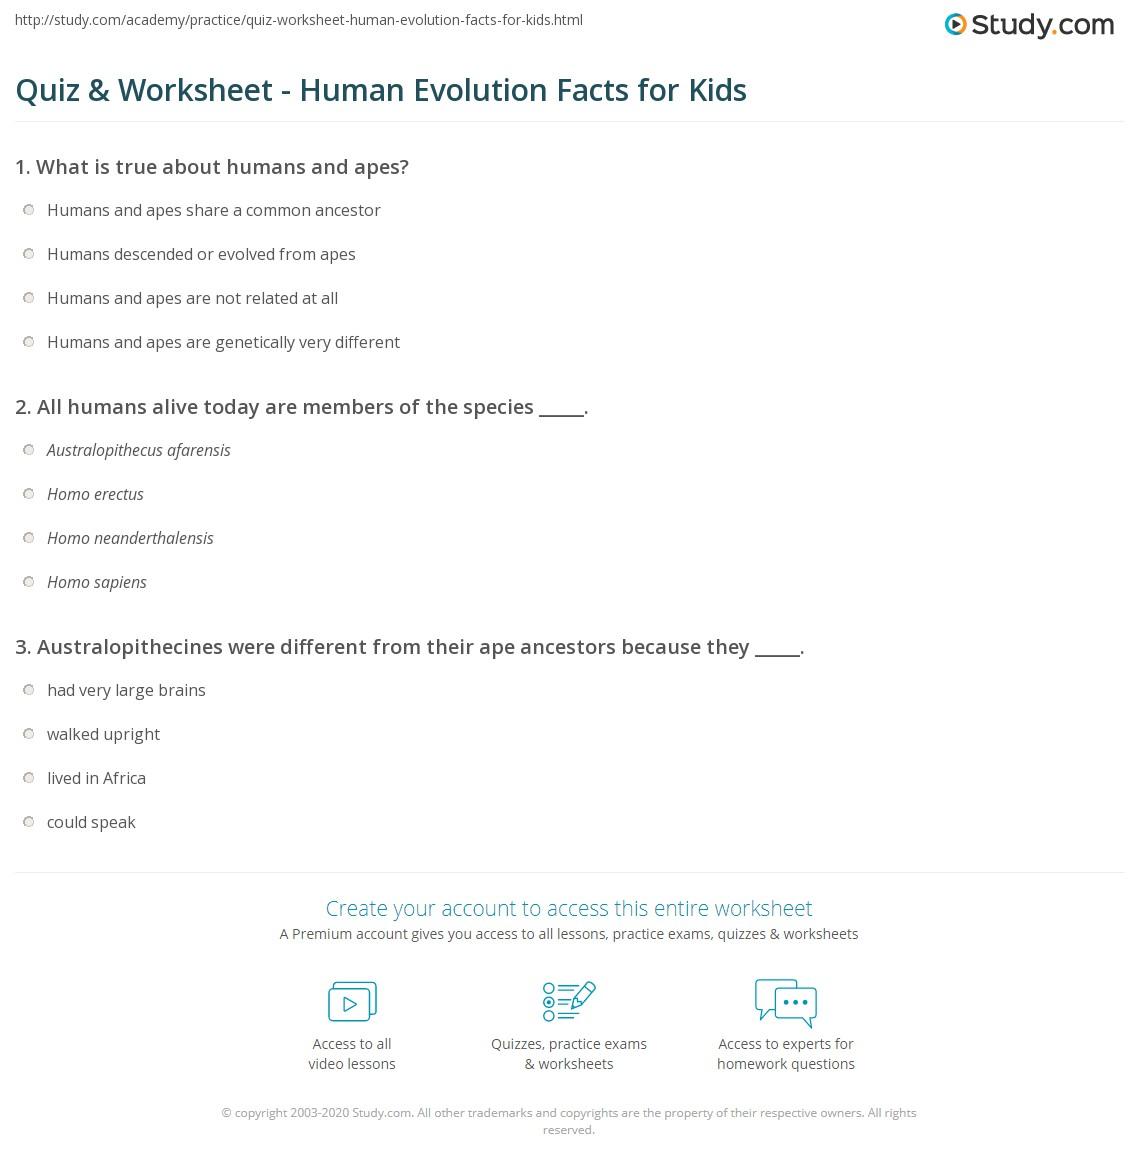 Quiz & Worksheet - Human Evolution Facts for Kids | Study.com